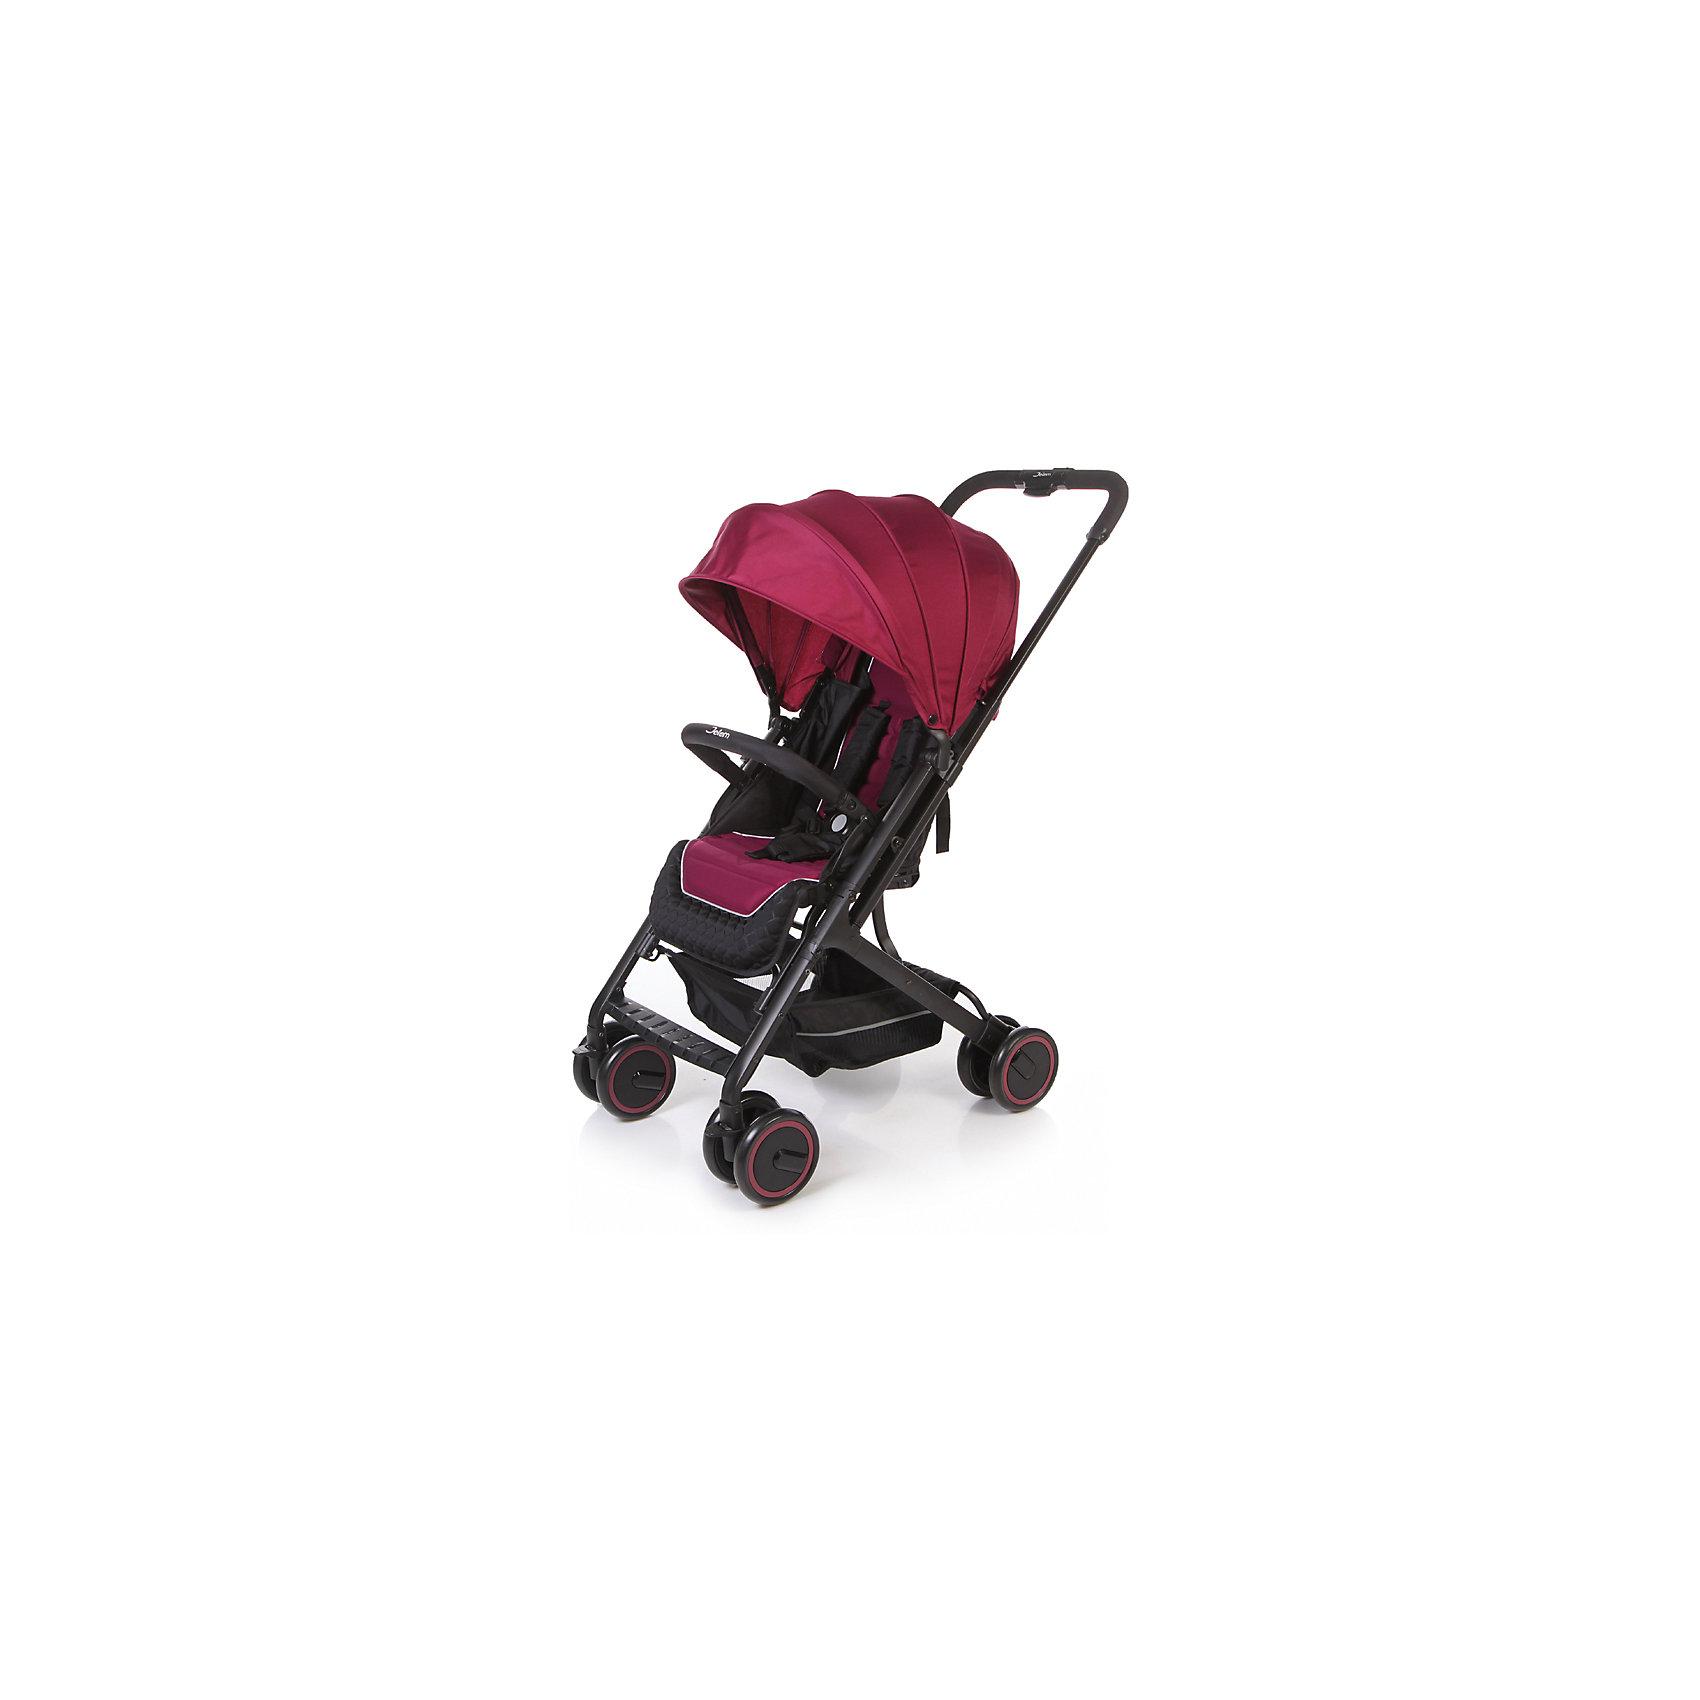 Прогулочная коляска Jetem Micro, тёмно-фиолетовыйПрогулочные коляски<br>Характеристики коляски Jetem Micro:<br><br>• плавно регулируемая спинка при помощи ременного механизма;<br>• съемный бампер, обтянутый мягкой тканью;<br>• регулируемая подножка;<br>• 5-ти точечные ремни безопасности с мягкими накладками;<br>• материал: полиэстер.<br><br>Прогулочная коляска Jetem Micro — легкая и маневренная коляска, которая подойдет для городских и загородных прогулок и путешествий. Телескопическая ручка позволяет быстро сложить коляску одной рукой. Спинка плавно опускается сразу в нескольких положениях, что дает возможность малышу отдохнуть и поспать на прогулке. <br><br>Шасси коляски:<br><br>• легкая алюминиевая рама;<br>• все колеса коляски сдвоенные;<br>• передние колеса поворотные с возможностью блокировки;<br>• диаметр колес 15,3 см;<br>• ширина колесной базы 51 см;<br>• амортизаторы на всех колесах для смягчения неровностей на дороге;<br>• тип складывания «книжка»;<br>• телескопическая ручка;<br>• ножной тормоз;<br>• корзина для покупок размером  33х32х13,5 см<br>• компактное сложение одной рукой;<br>• устойчива в сложенном виде.<br><br>Размер коляски в разложенном виде 68х51х94 см<br>Размер коляски в сложенном виде 70х51х29 см<br>Вес коляски 6,1 кг<br>Размер упаковки 53х52х26 см<br>Вес упаковки 7,8 кг<br><br>Комплектация:<br><br>• прогулочный блок;<br>• корзина для покупок;<br>• накидка на ножки;<br>• инструкция.<br><br>Прогулочную коляску Jetem Micro фиолетовую можно приобрести в нашем интернет-магазине.<br><br>Ширина мм: 530<br>Глубина мм: 520<br>Высота мм: 260<br>Вес г: 7800<br>Возраст от месяцев: 6<br>Возраст до месяцев: 36<br>Пол: Унисекс<br>Возраст: Детский<br>SKU: 5493339